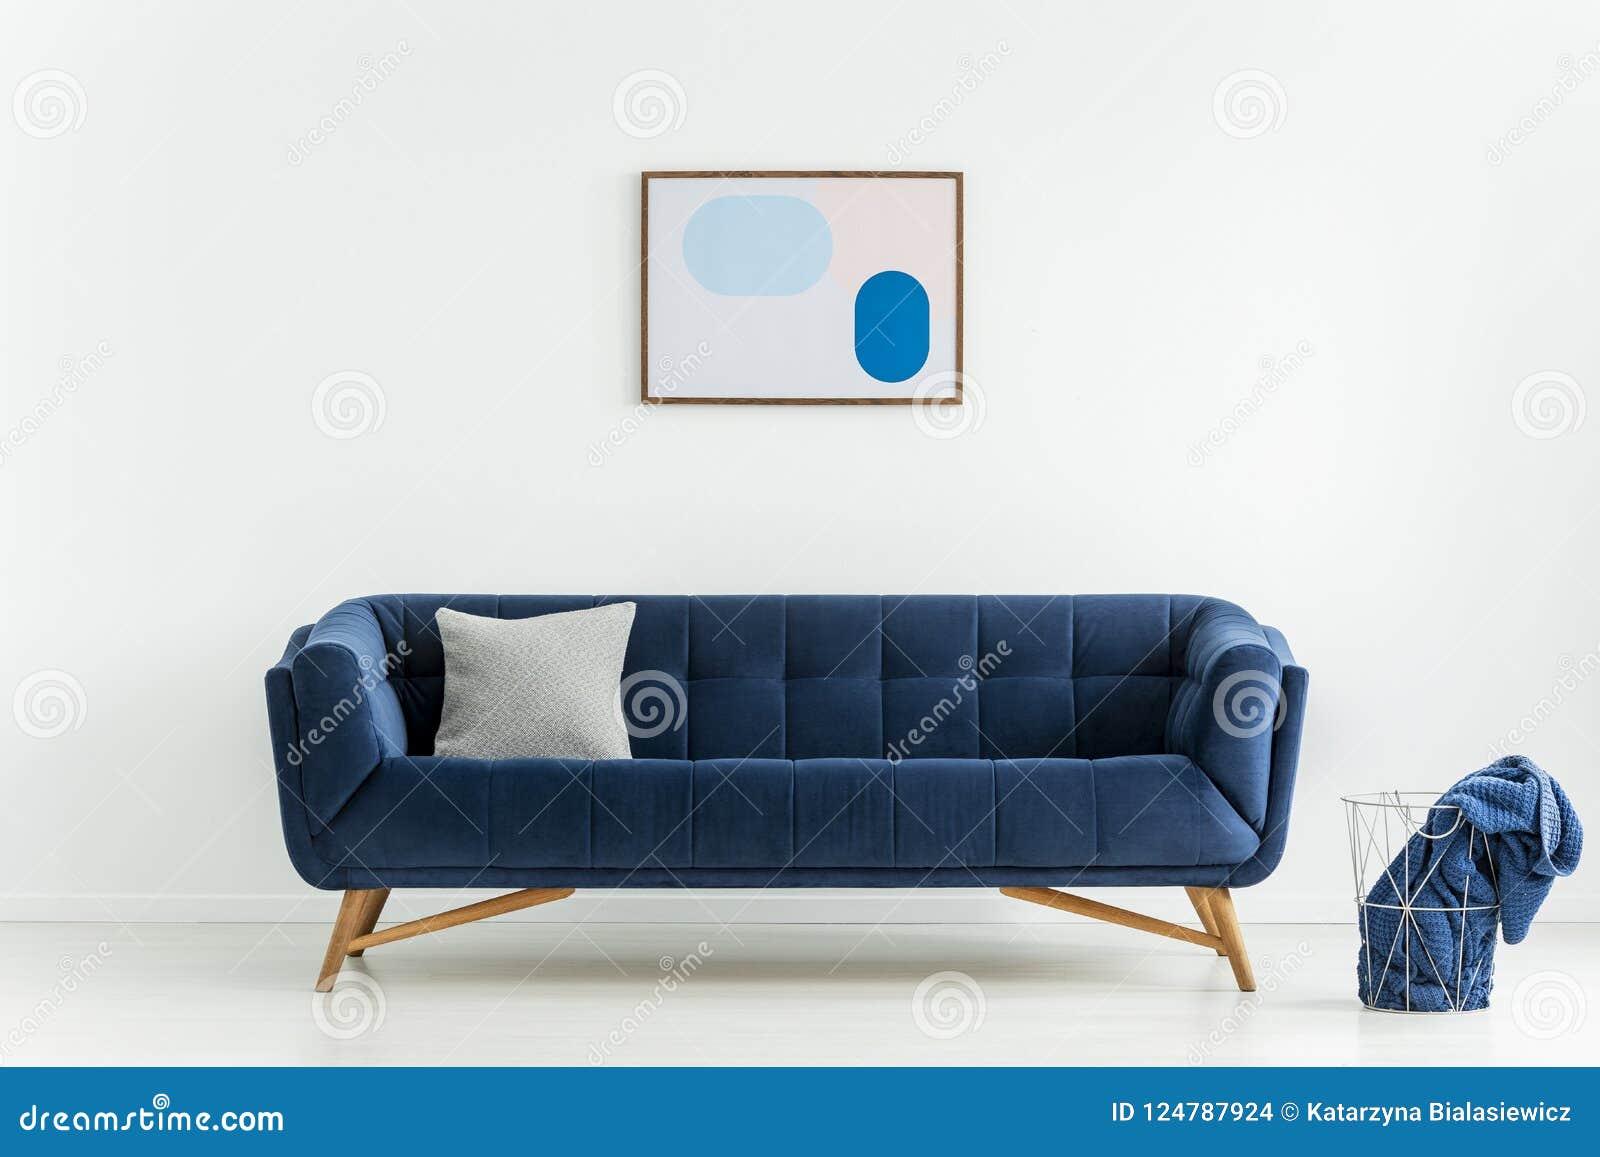 Kussen Voor Op De Bank.Affiche Boven Blauwe Bank Met Kussen In Wit Woonkamerbinnenland Met